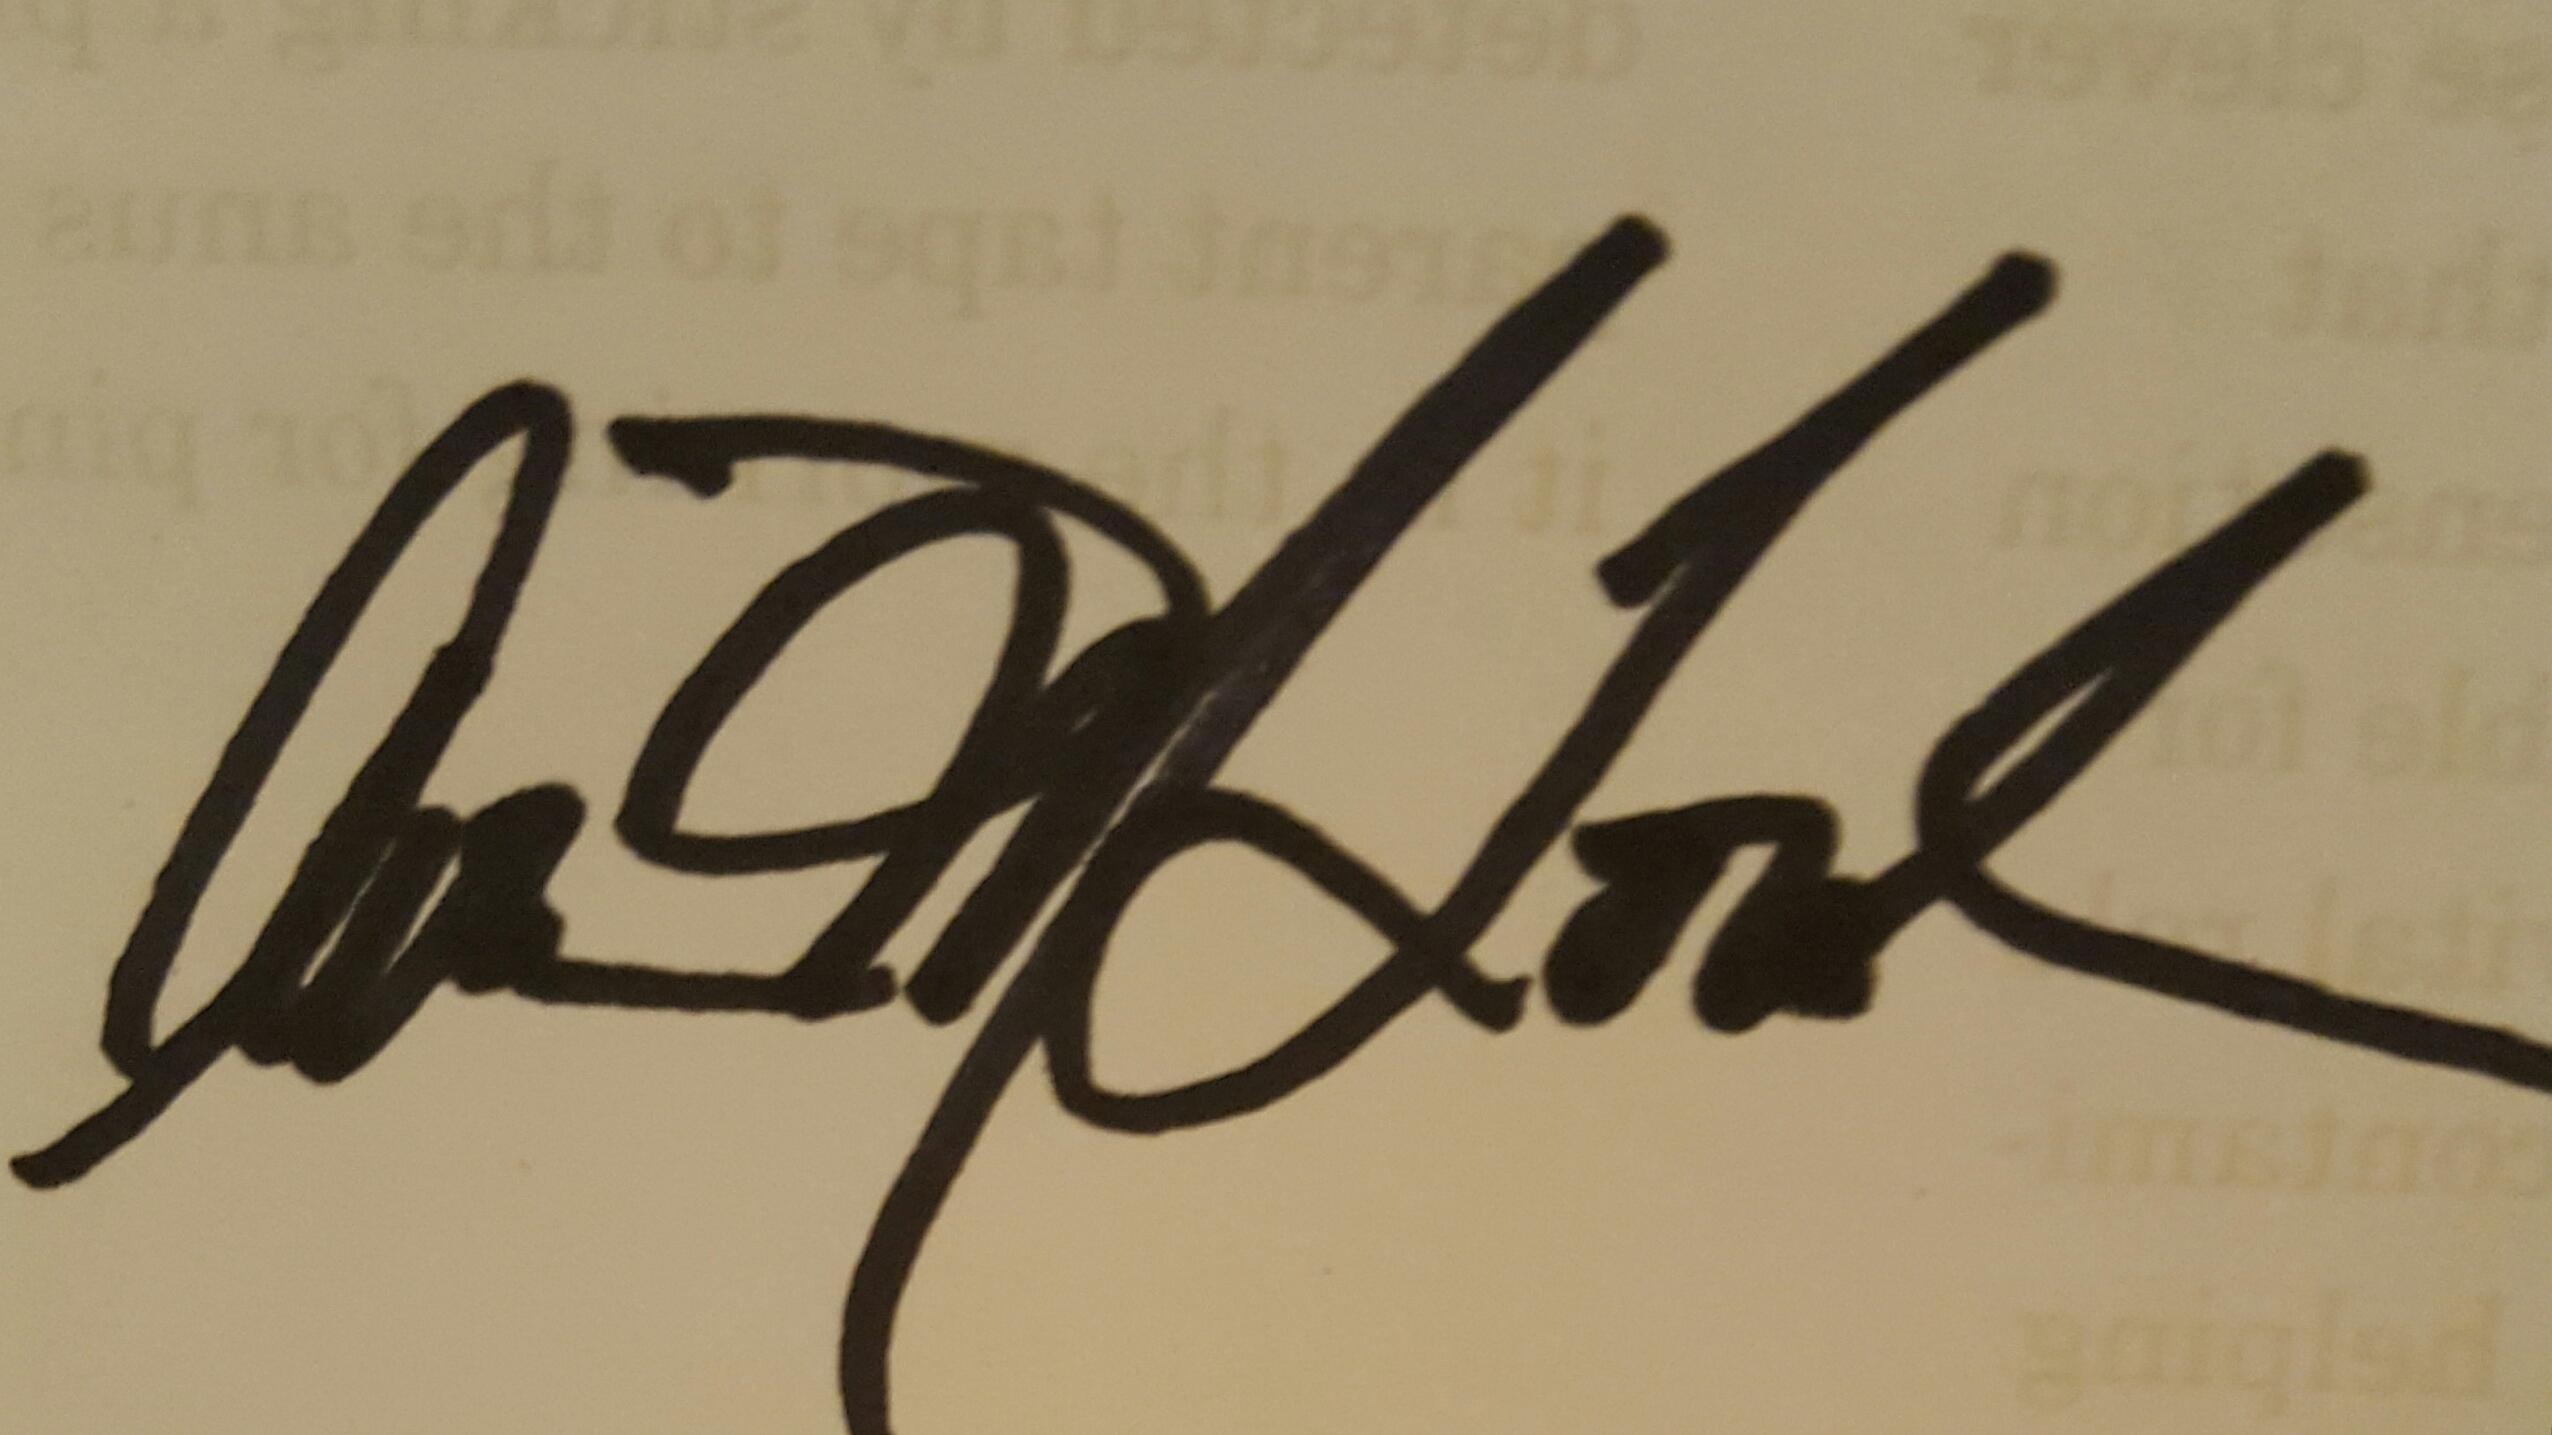 Avion Lourde's Signature